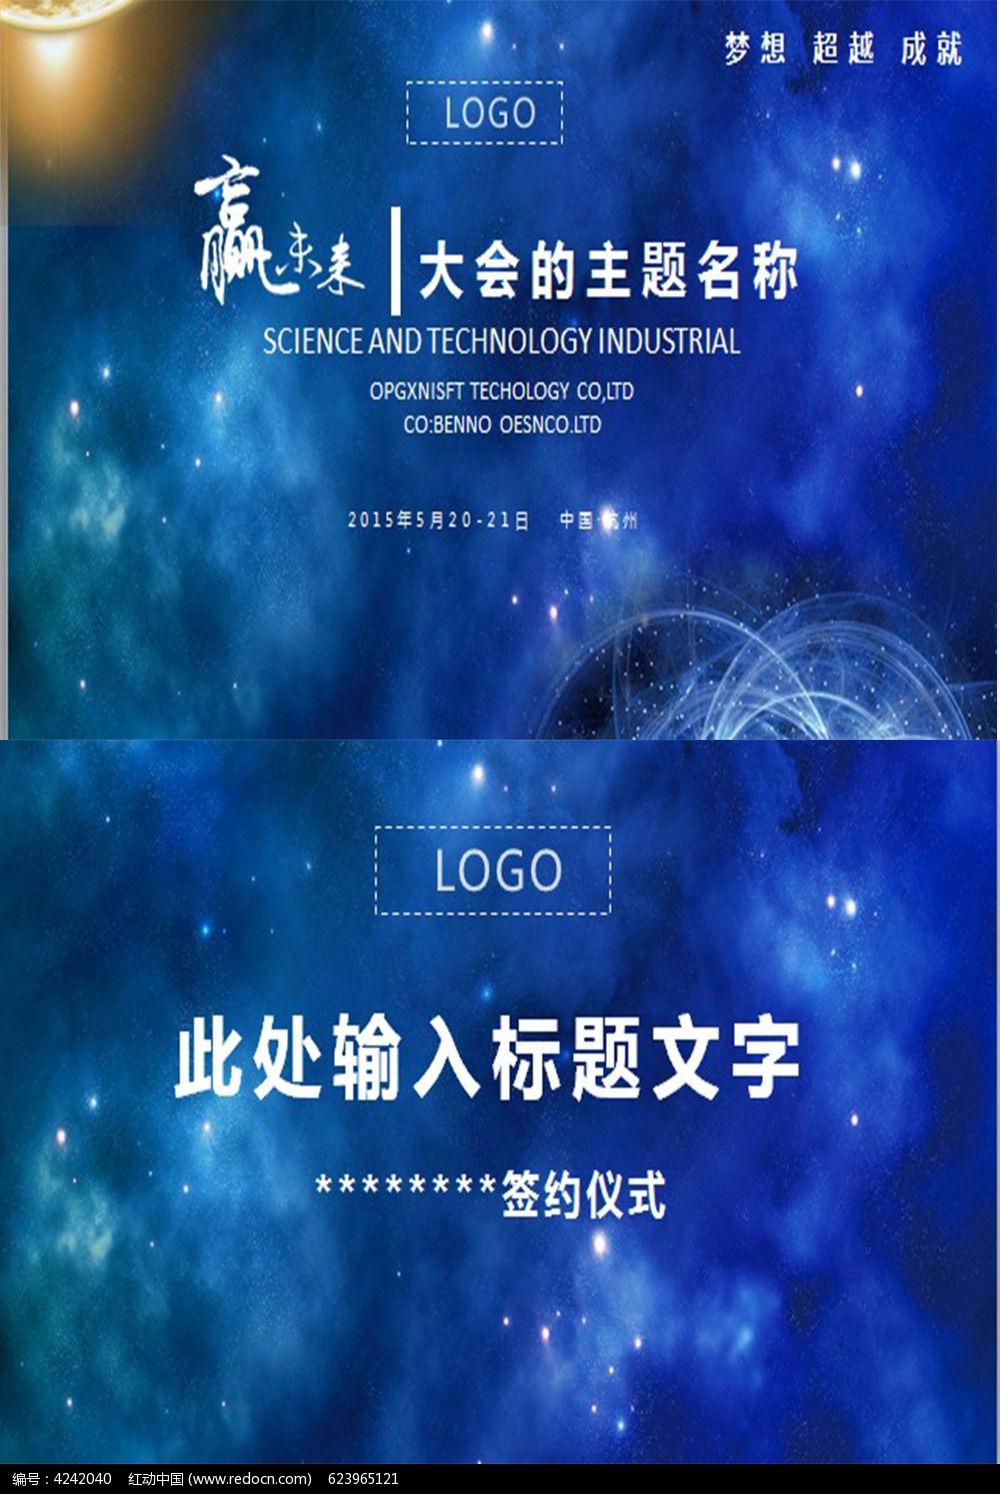 蓝色商务大型会议ppt模板